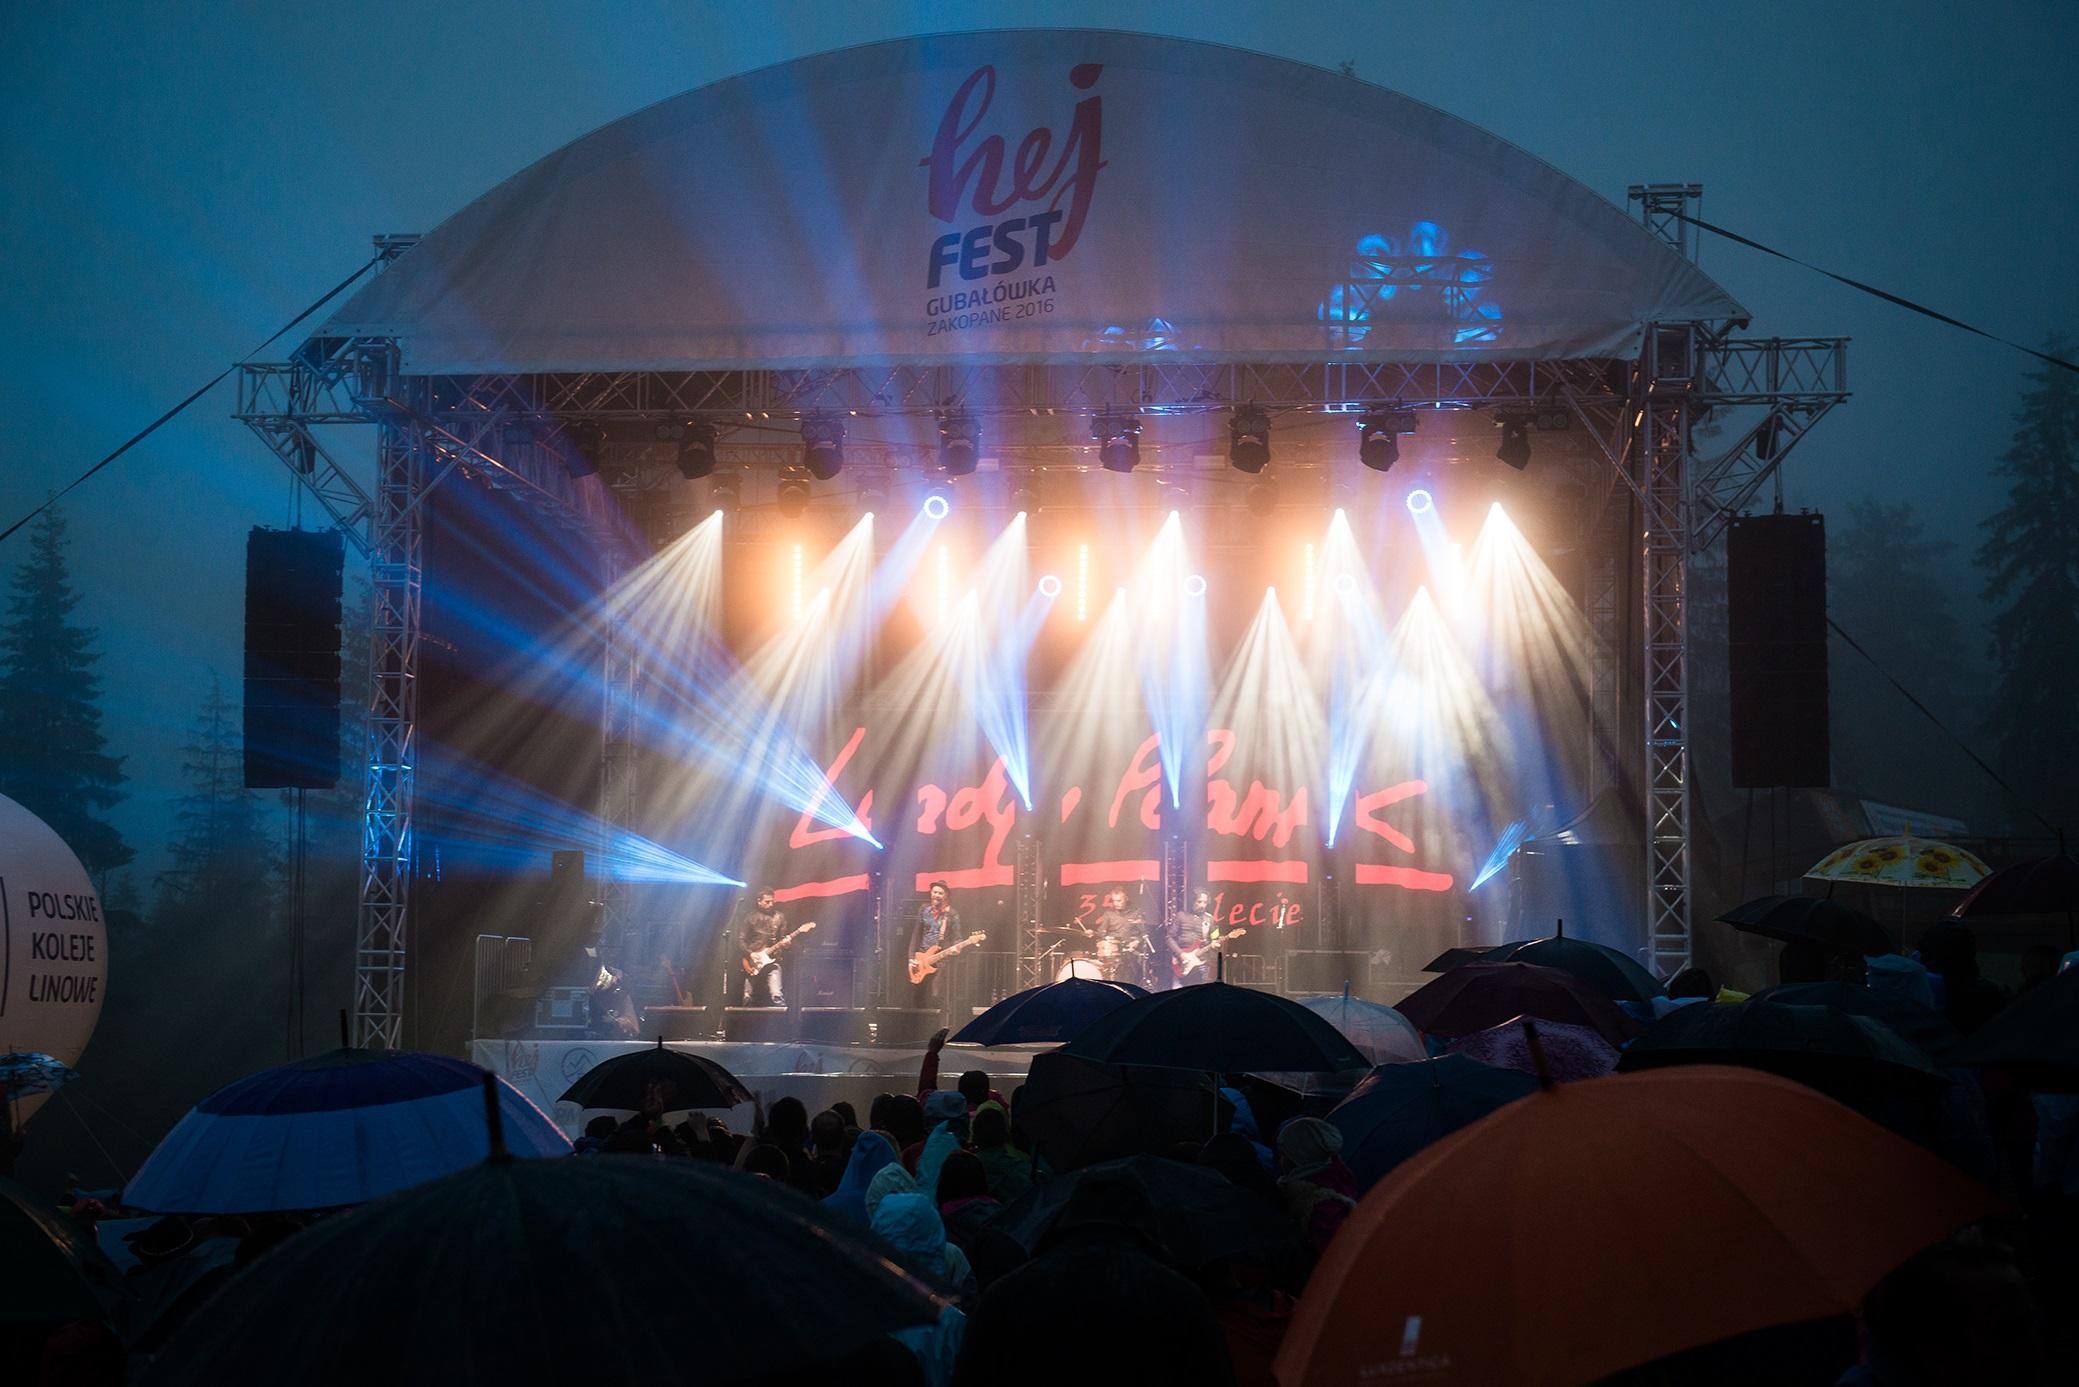 PKL_Hej Fest_Lady Pank_2_fot. Grzegorz Korzec.jpg